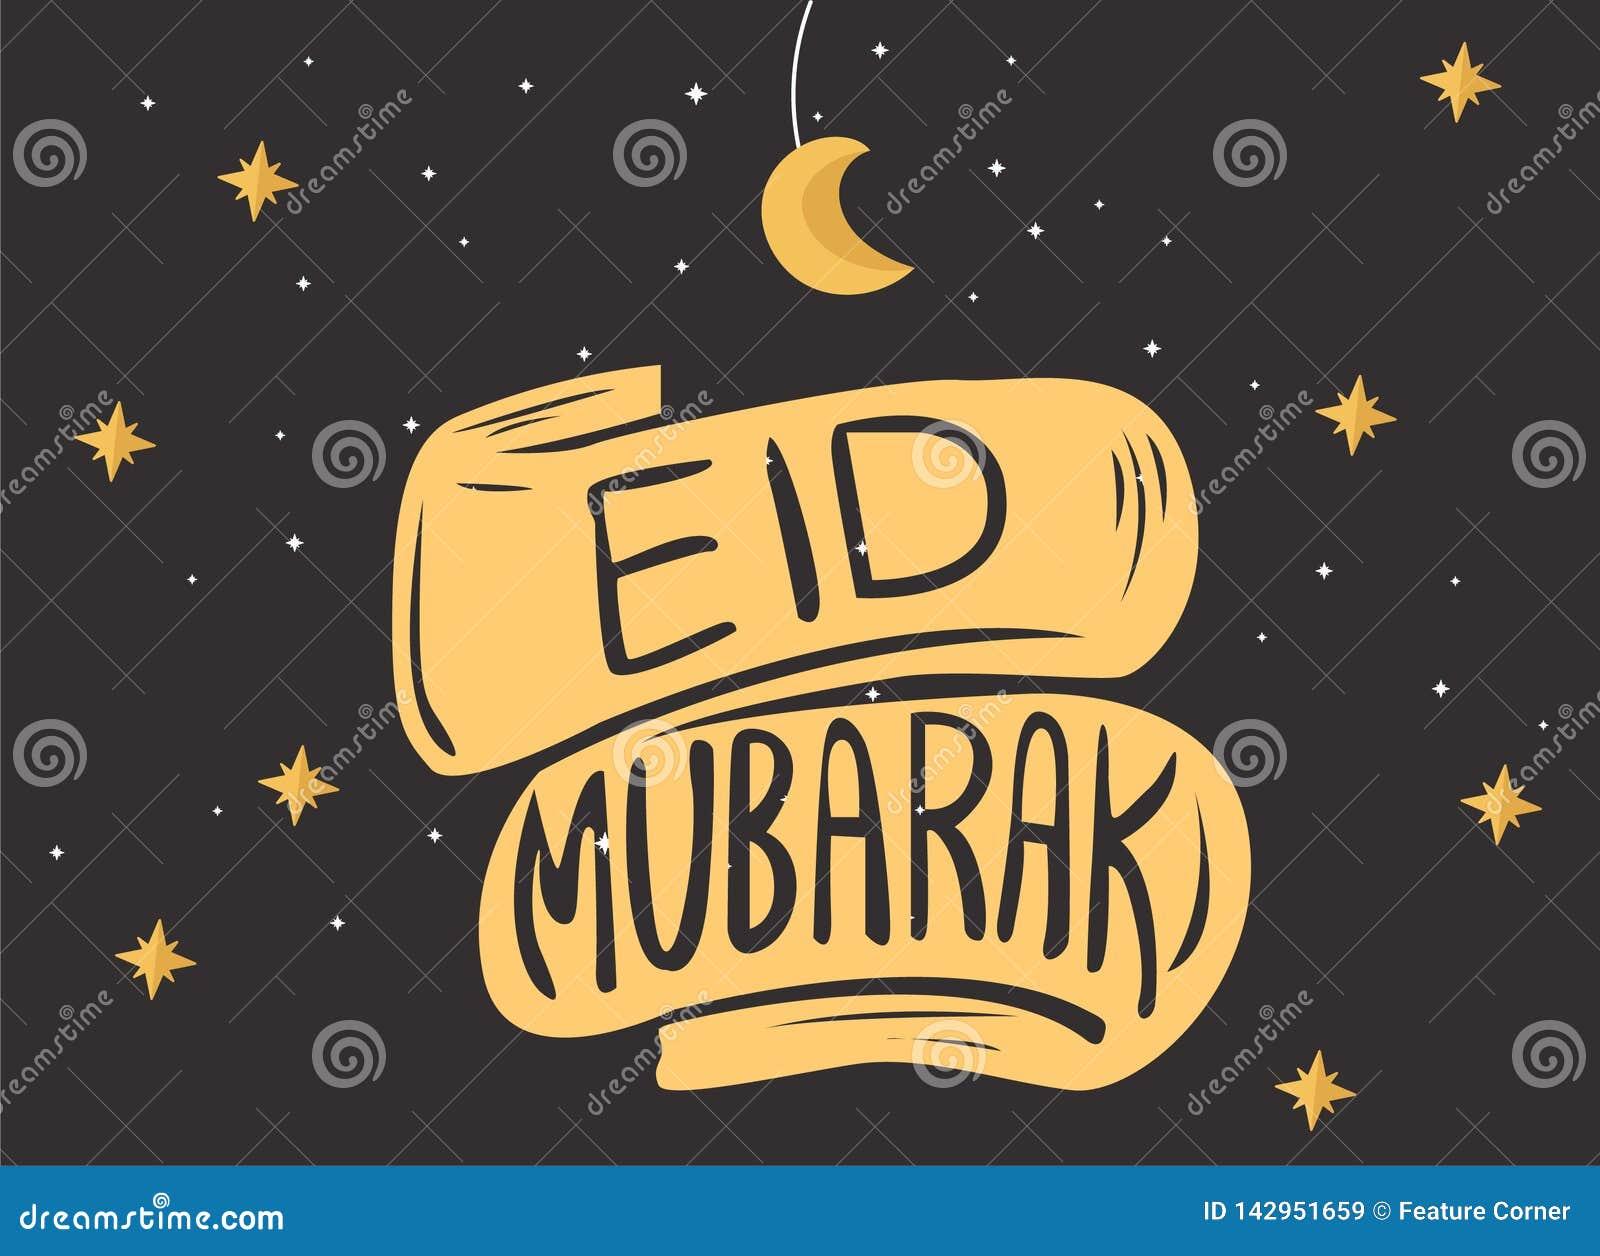 Απεικόνιση ευχετήριων καρτών του Μουμπάρακ Eid, ισλαμικό φεστιβάλ Ramadan Kareem για το έμβλημα, αφίσα, υπόβαθρο, ιπτάμενο, απεικ